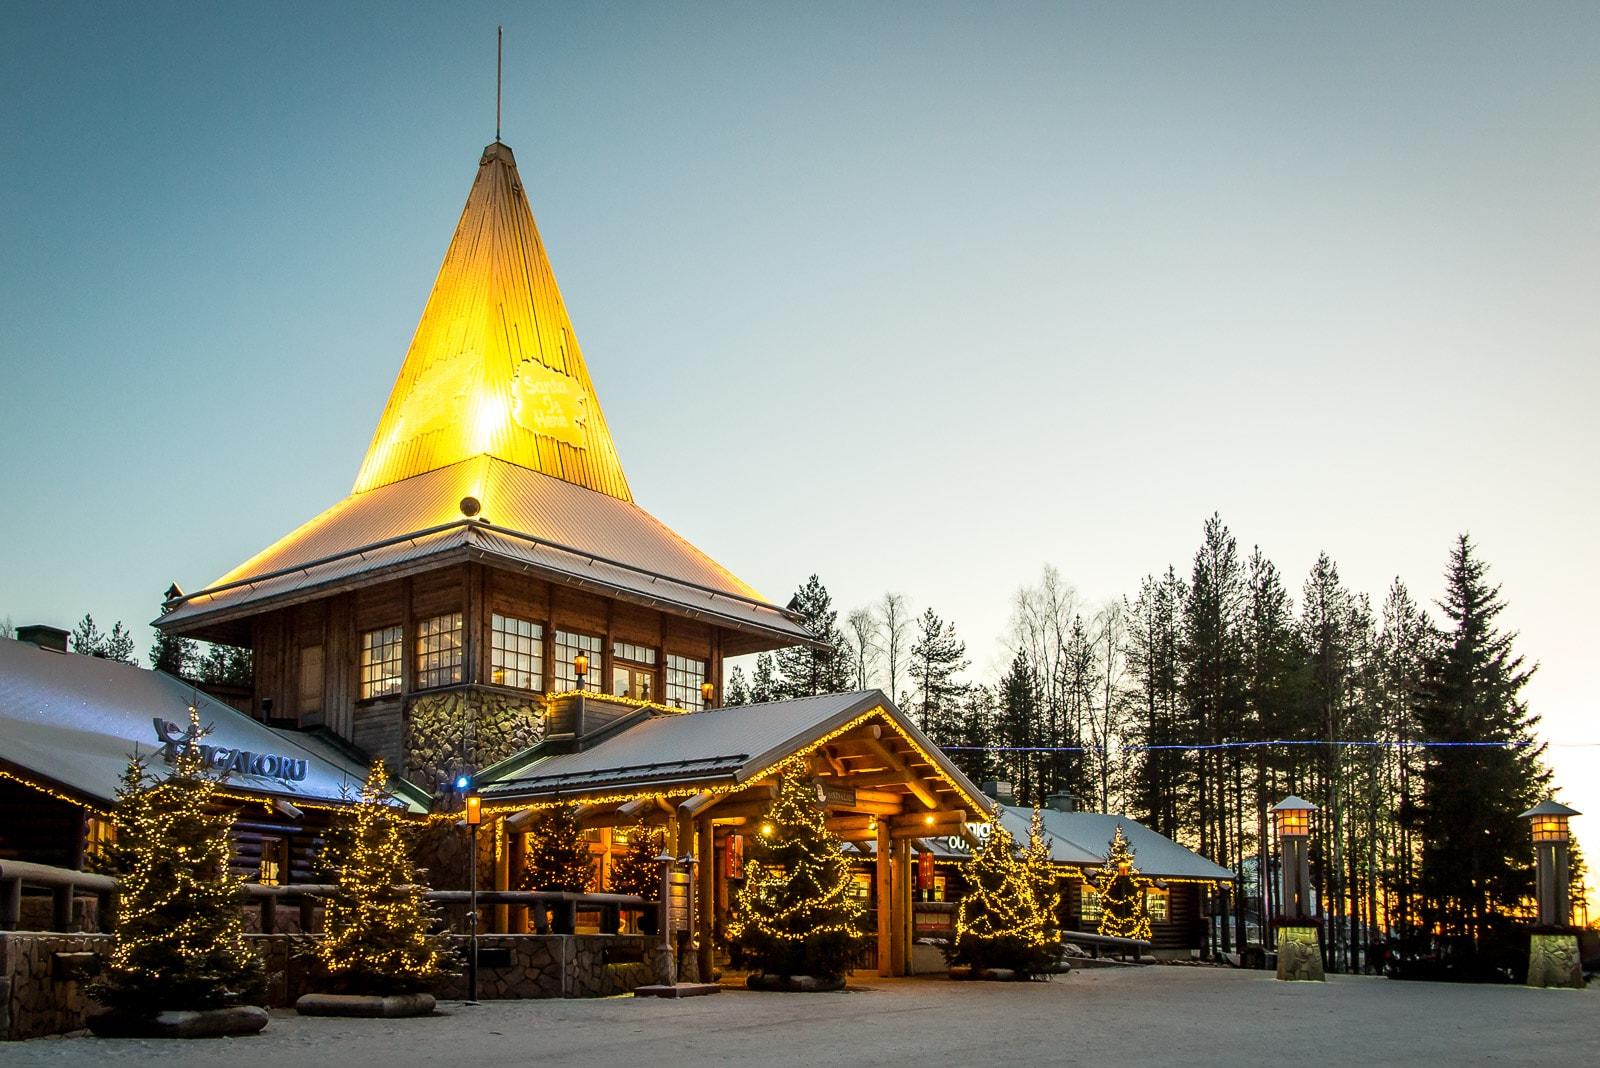 Das Haus des Weihnachtsmanns in Rovaniemi